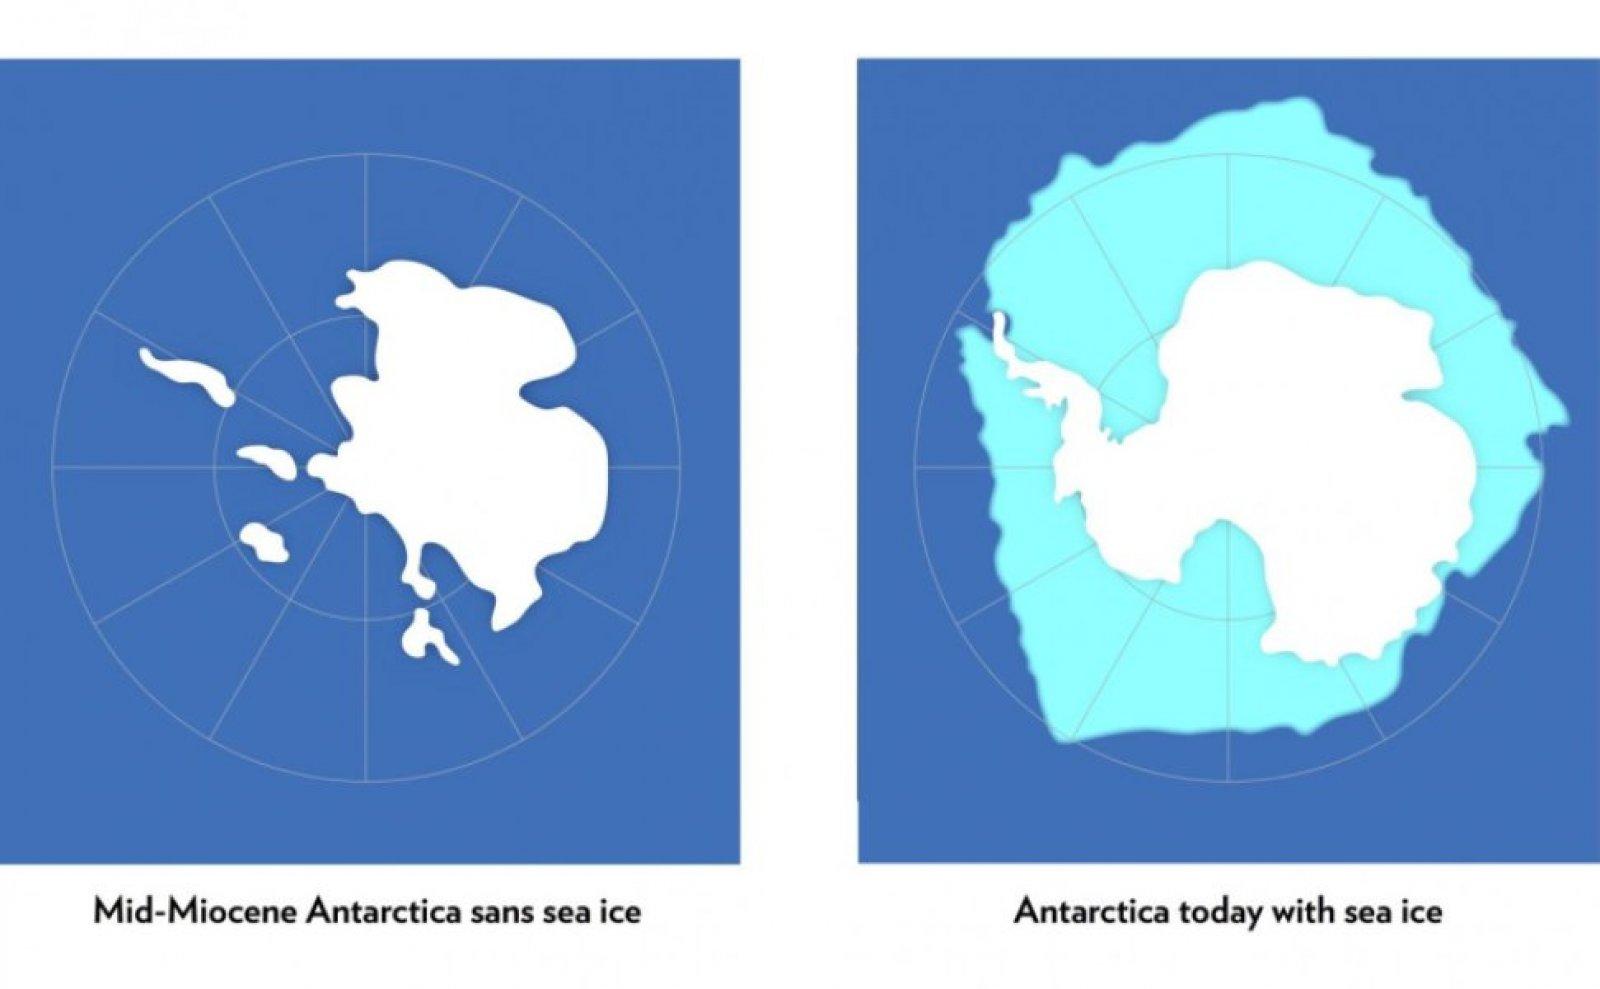 Comparativa entre l'Antàrtida de fa 15 milions d'anys i l'actual.